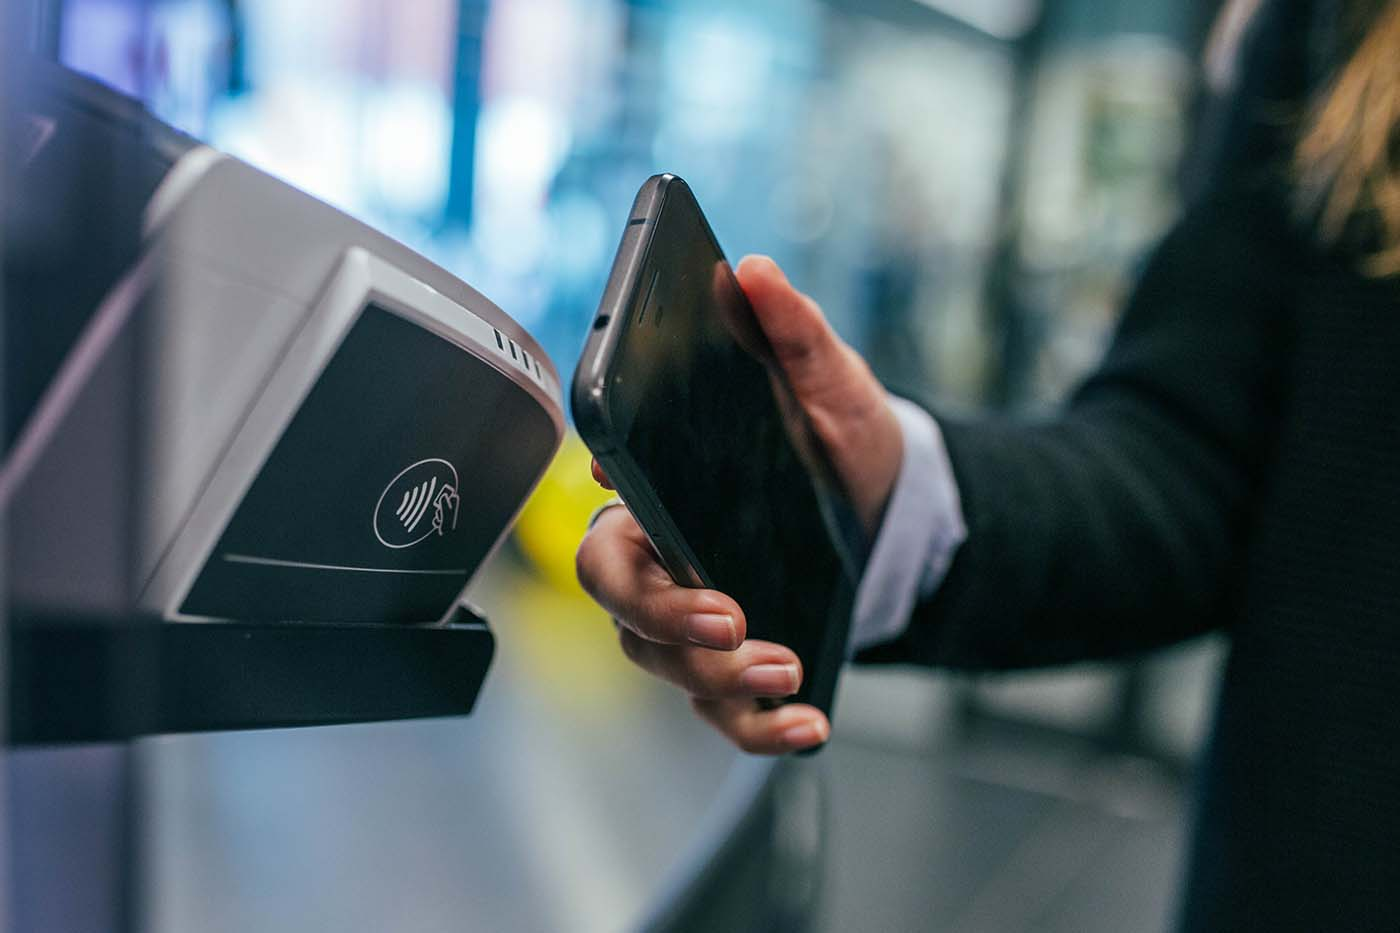 pago con el smartphone